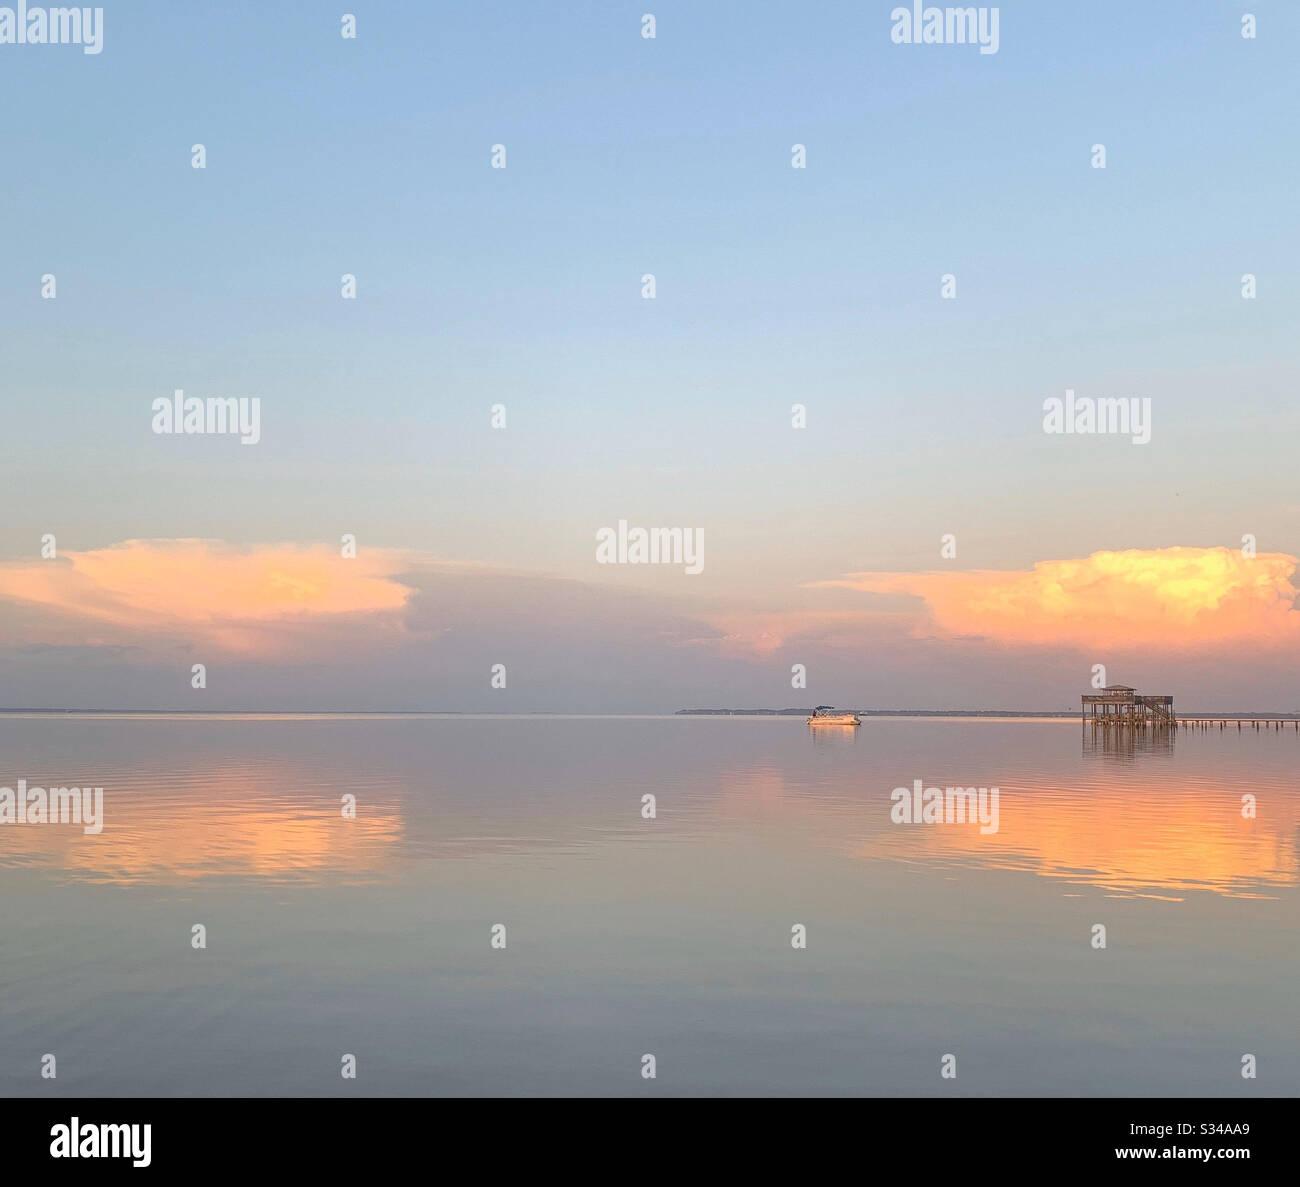 Wunderschöner Sonnenuntergang über der Choctawhatchee Bay mit farbenfrohem Himmel und Lichtreflexionen auf das Wasser Stockfoto